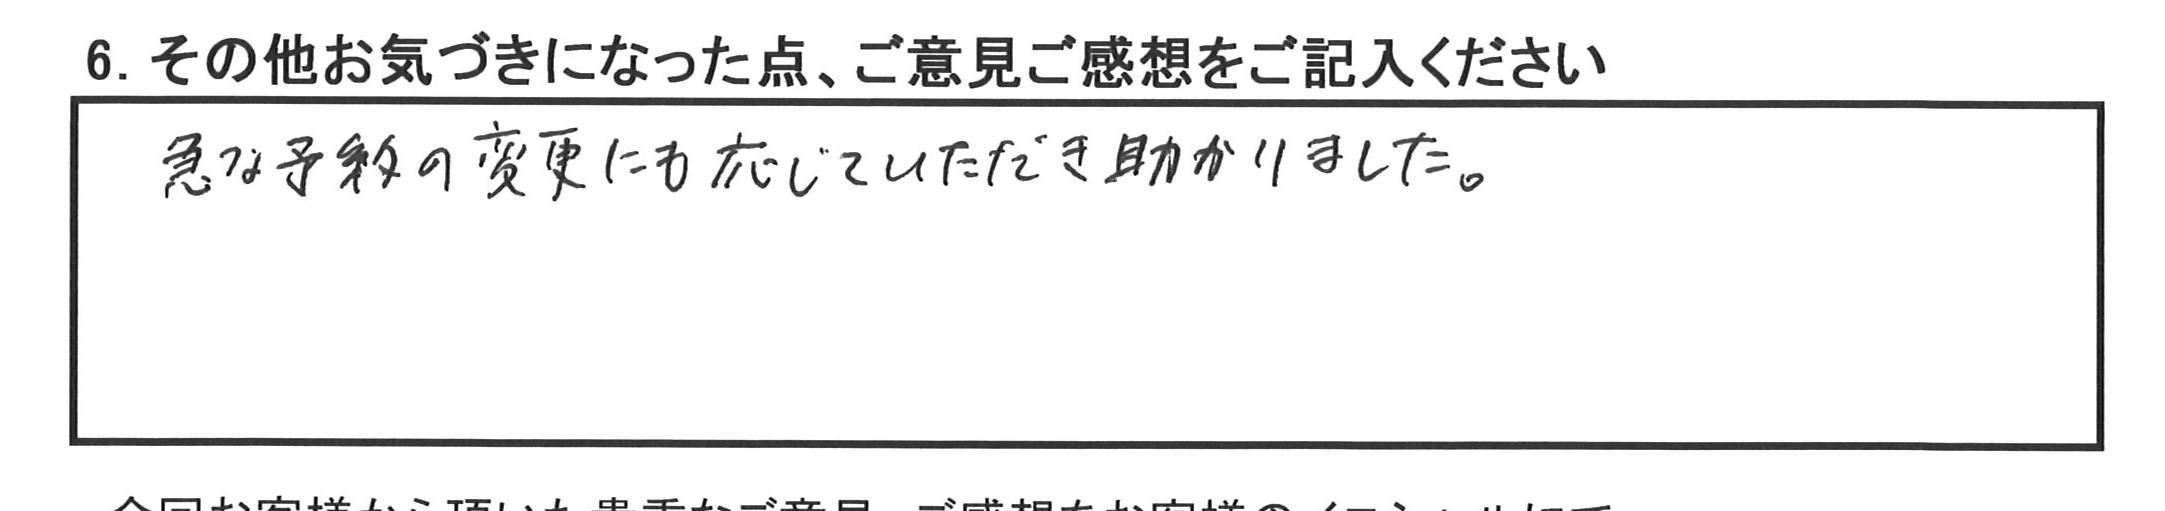 20160503菅野様アンケート